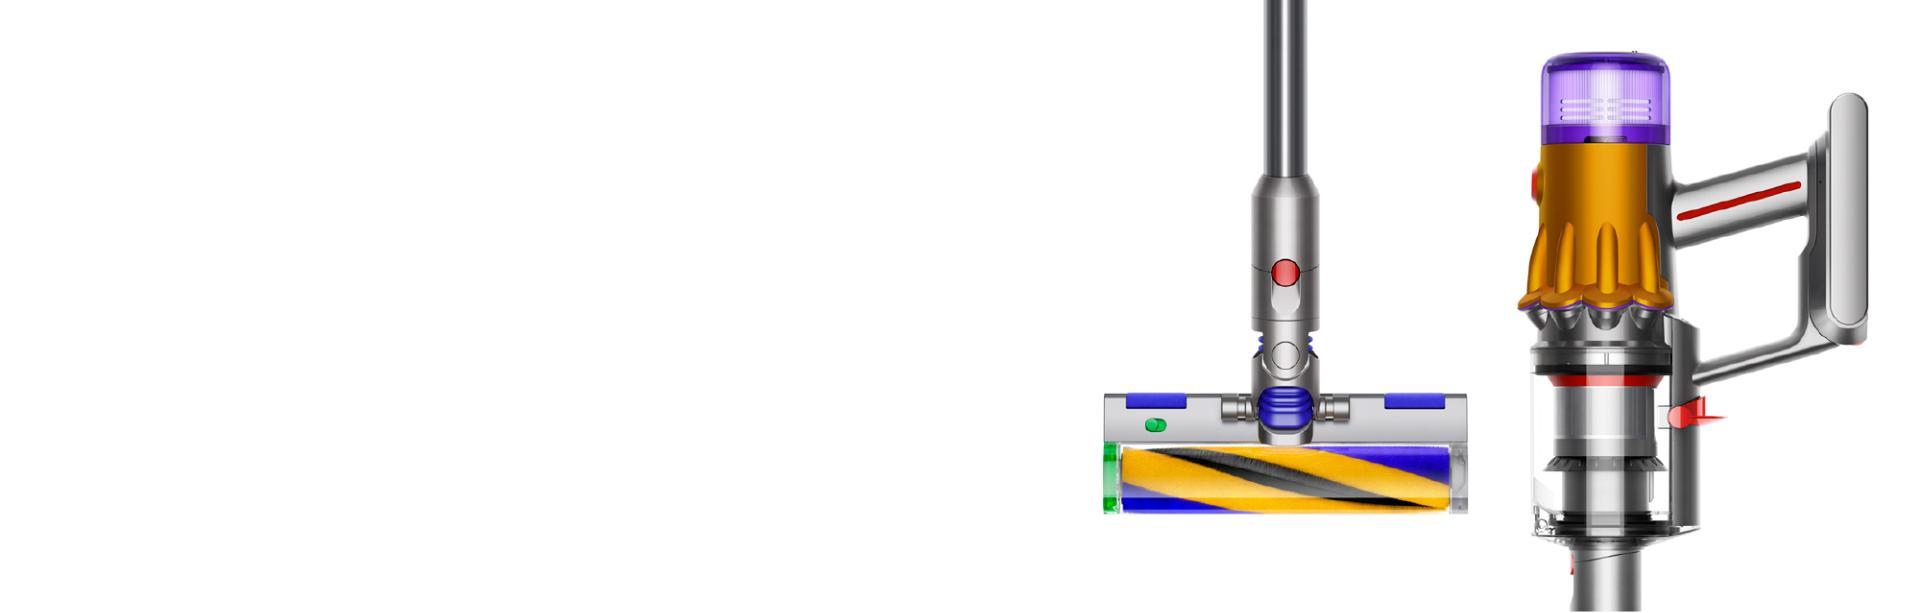 다이슨 V12 디텍트 슬림 무선 청소기